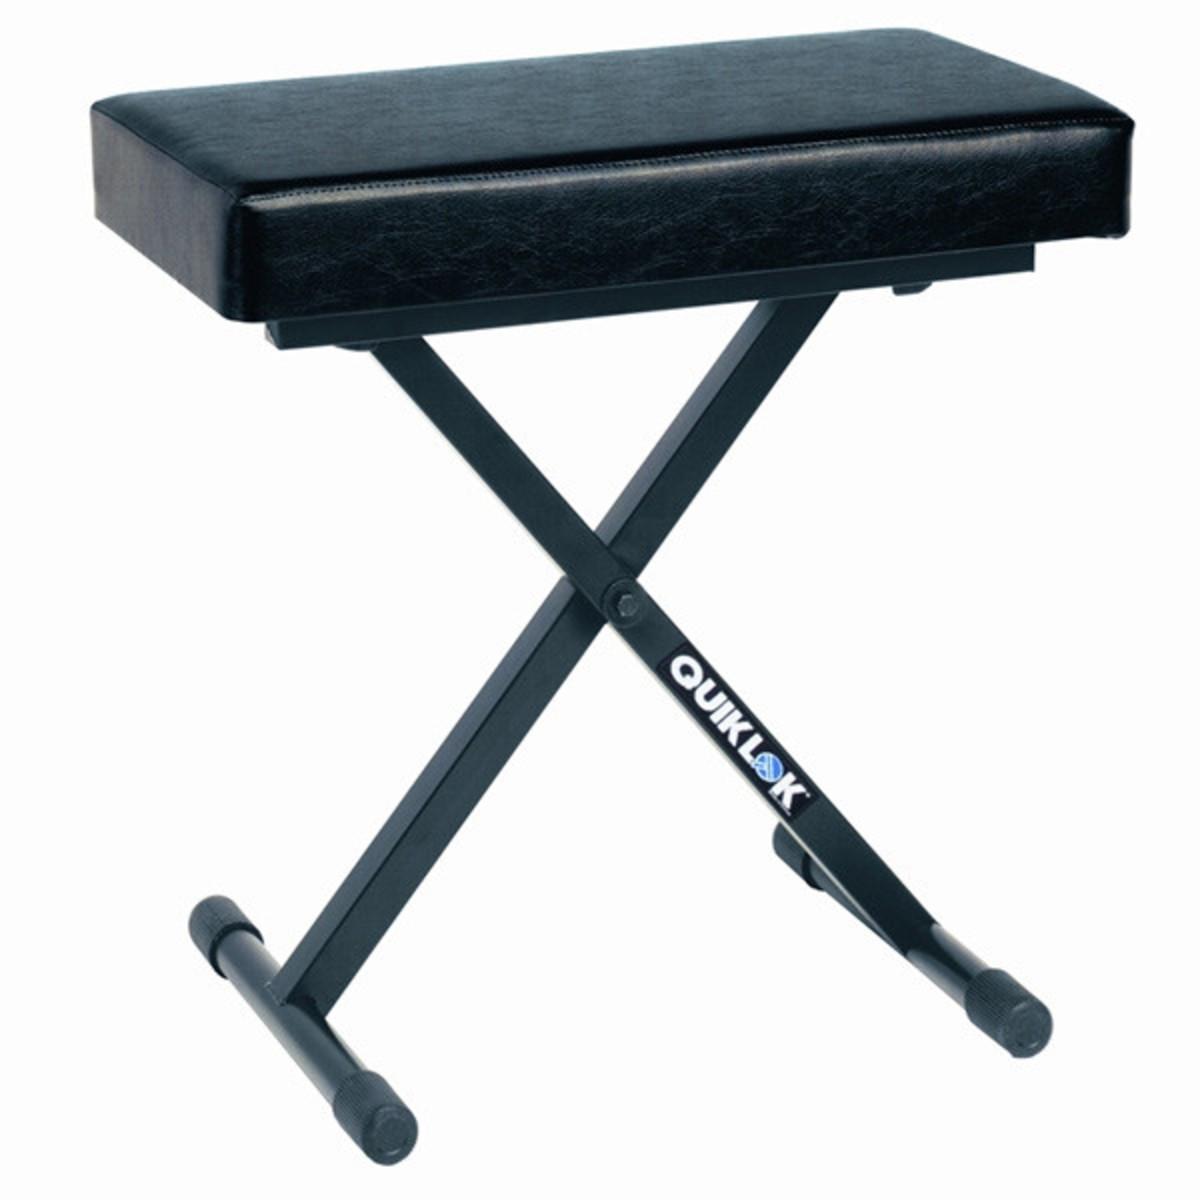 Quiklok Bx718 Deluxe Adjustable Piano Bench Ex Demo At